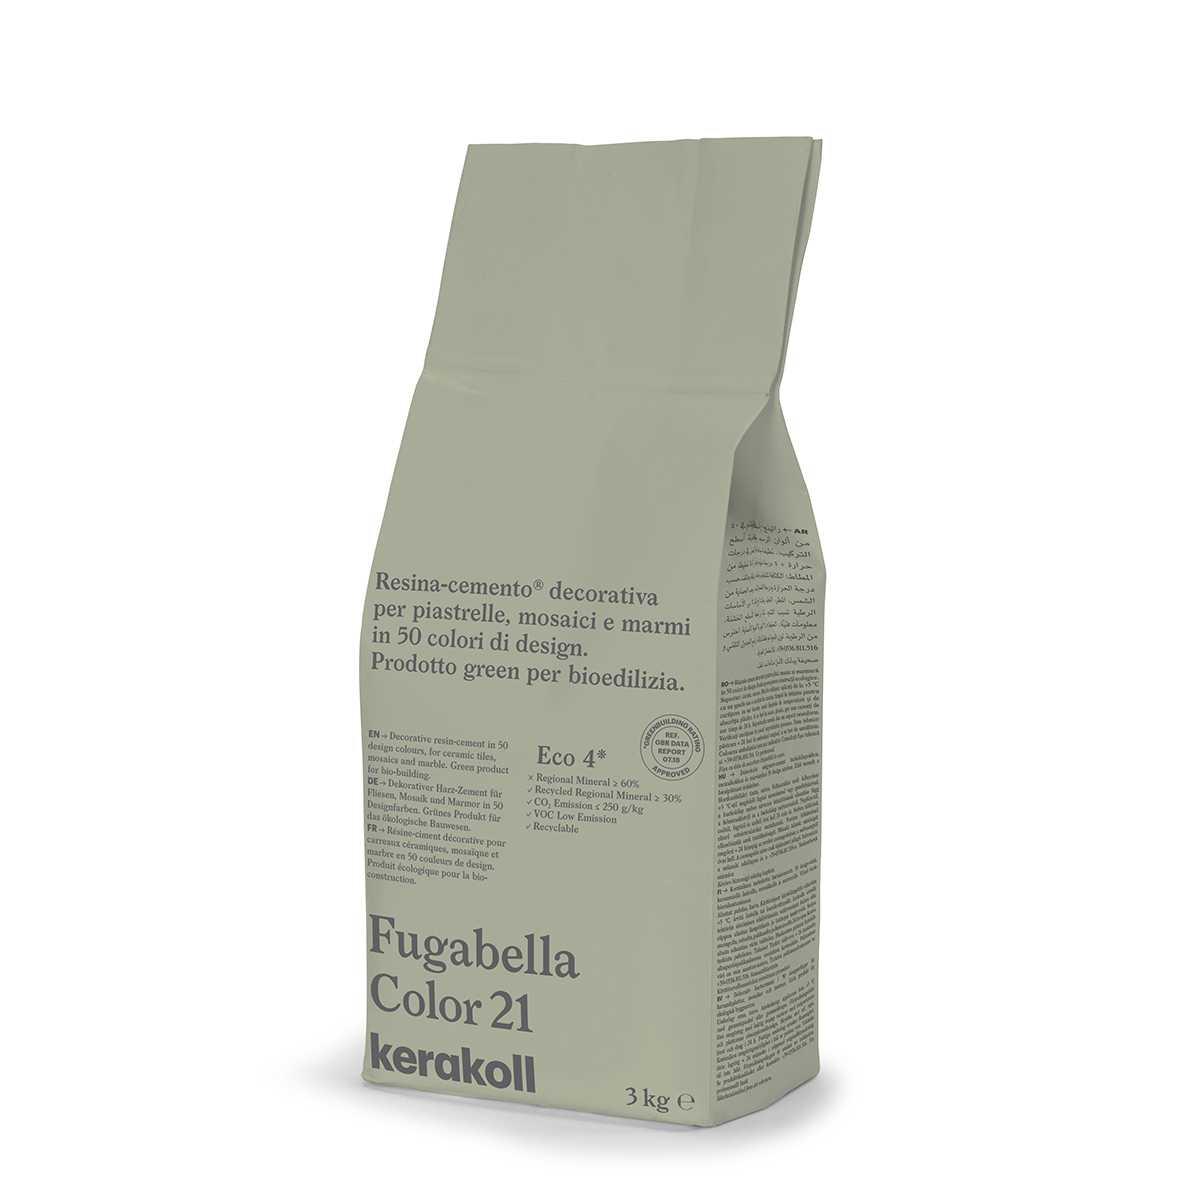 Kerakoll Fugabella Color 21 3kg stucco per fughe uso interno ed esterno